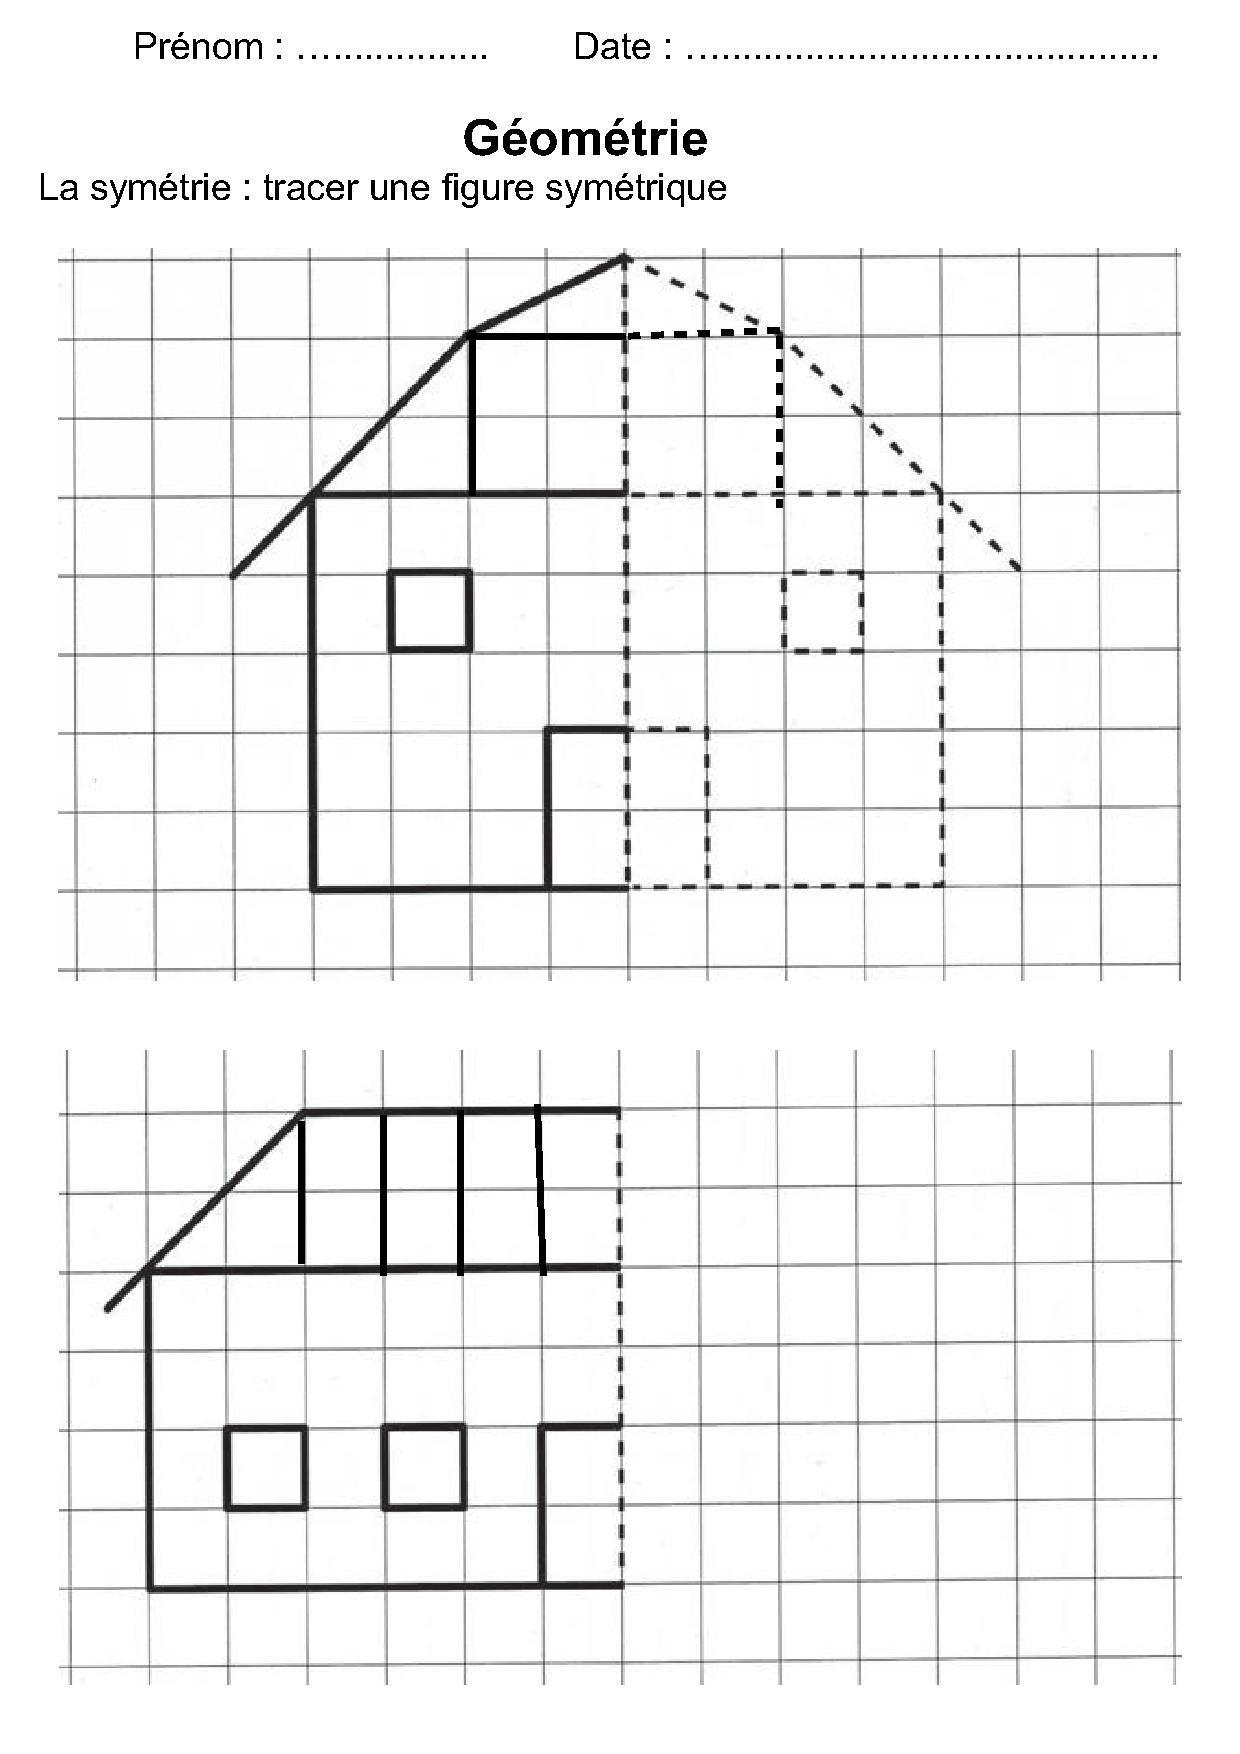 Géométrie Ce1,ce2,la Symétrie,reproduire Une Figure encequiconcerne Symétrie Ce1 Ce2